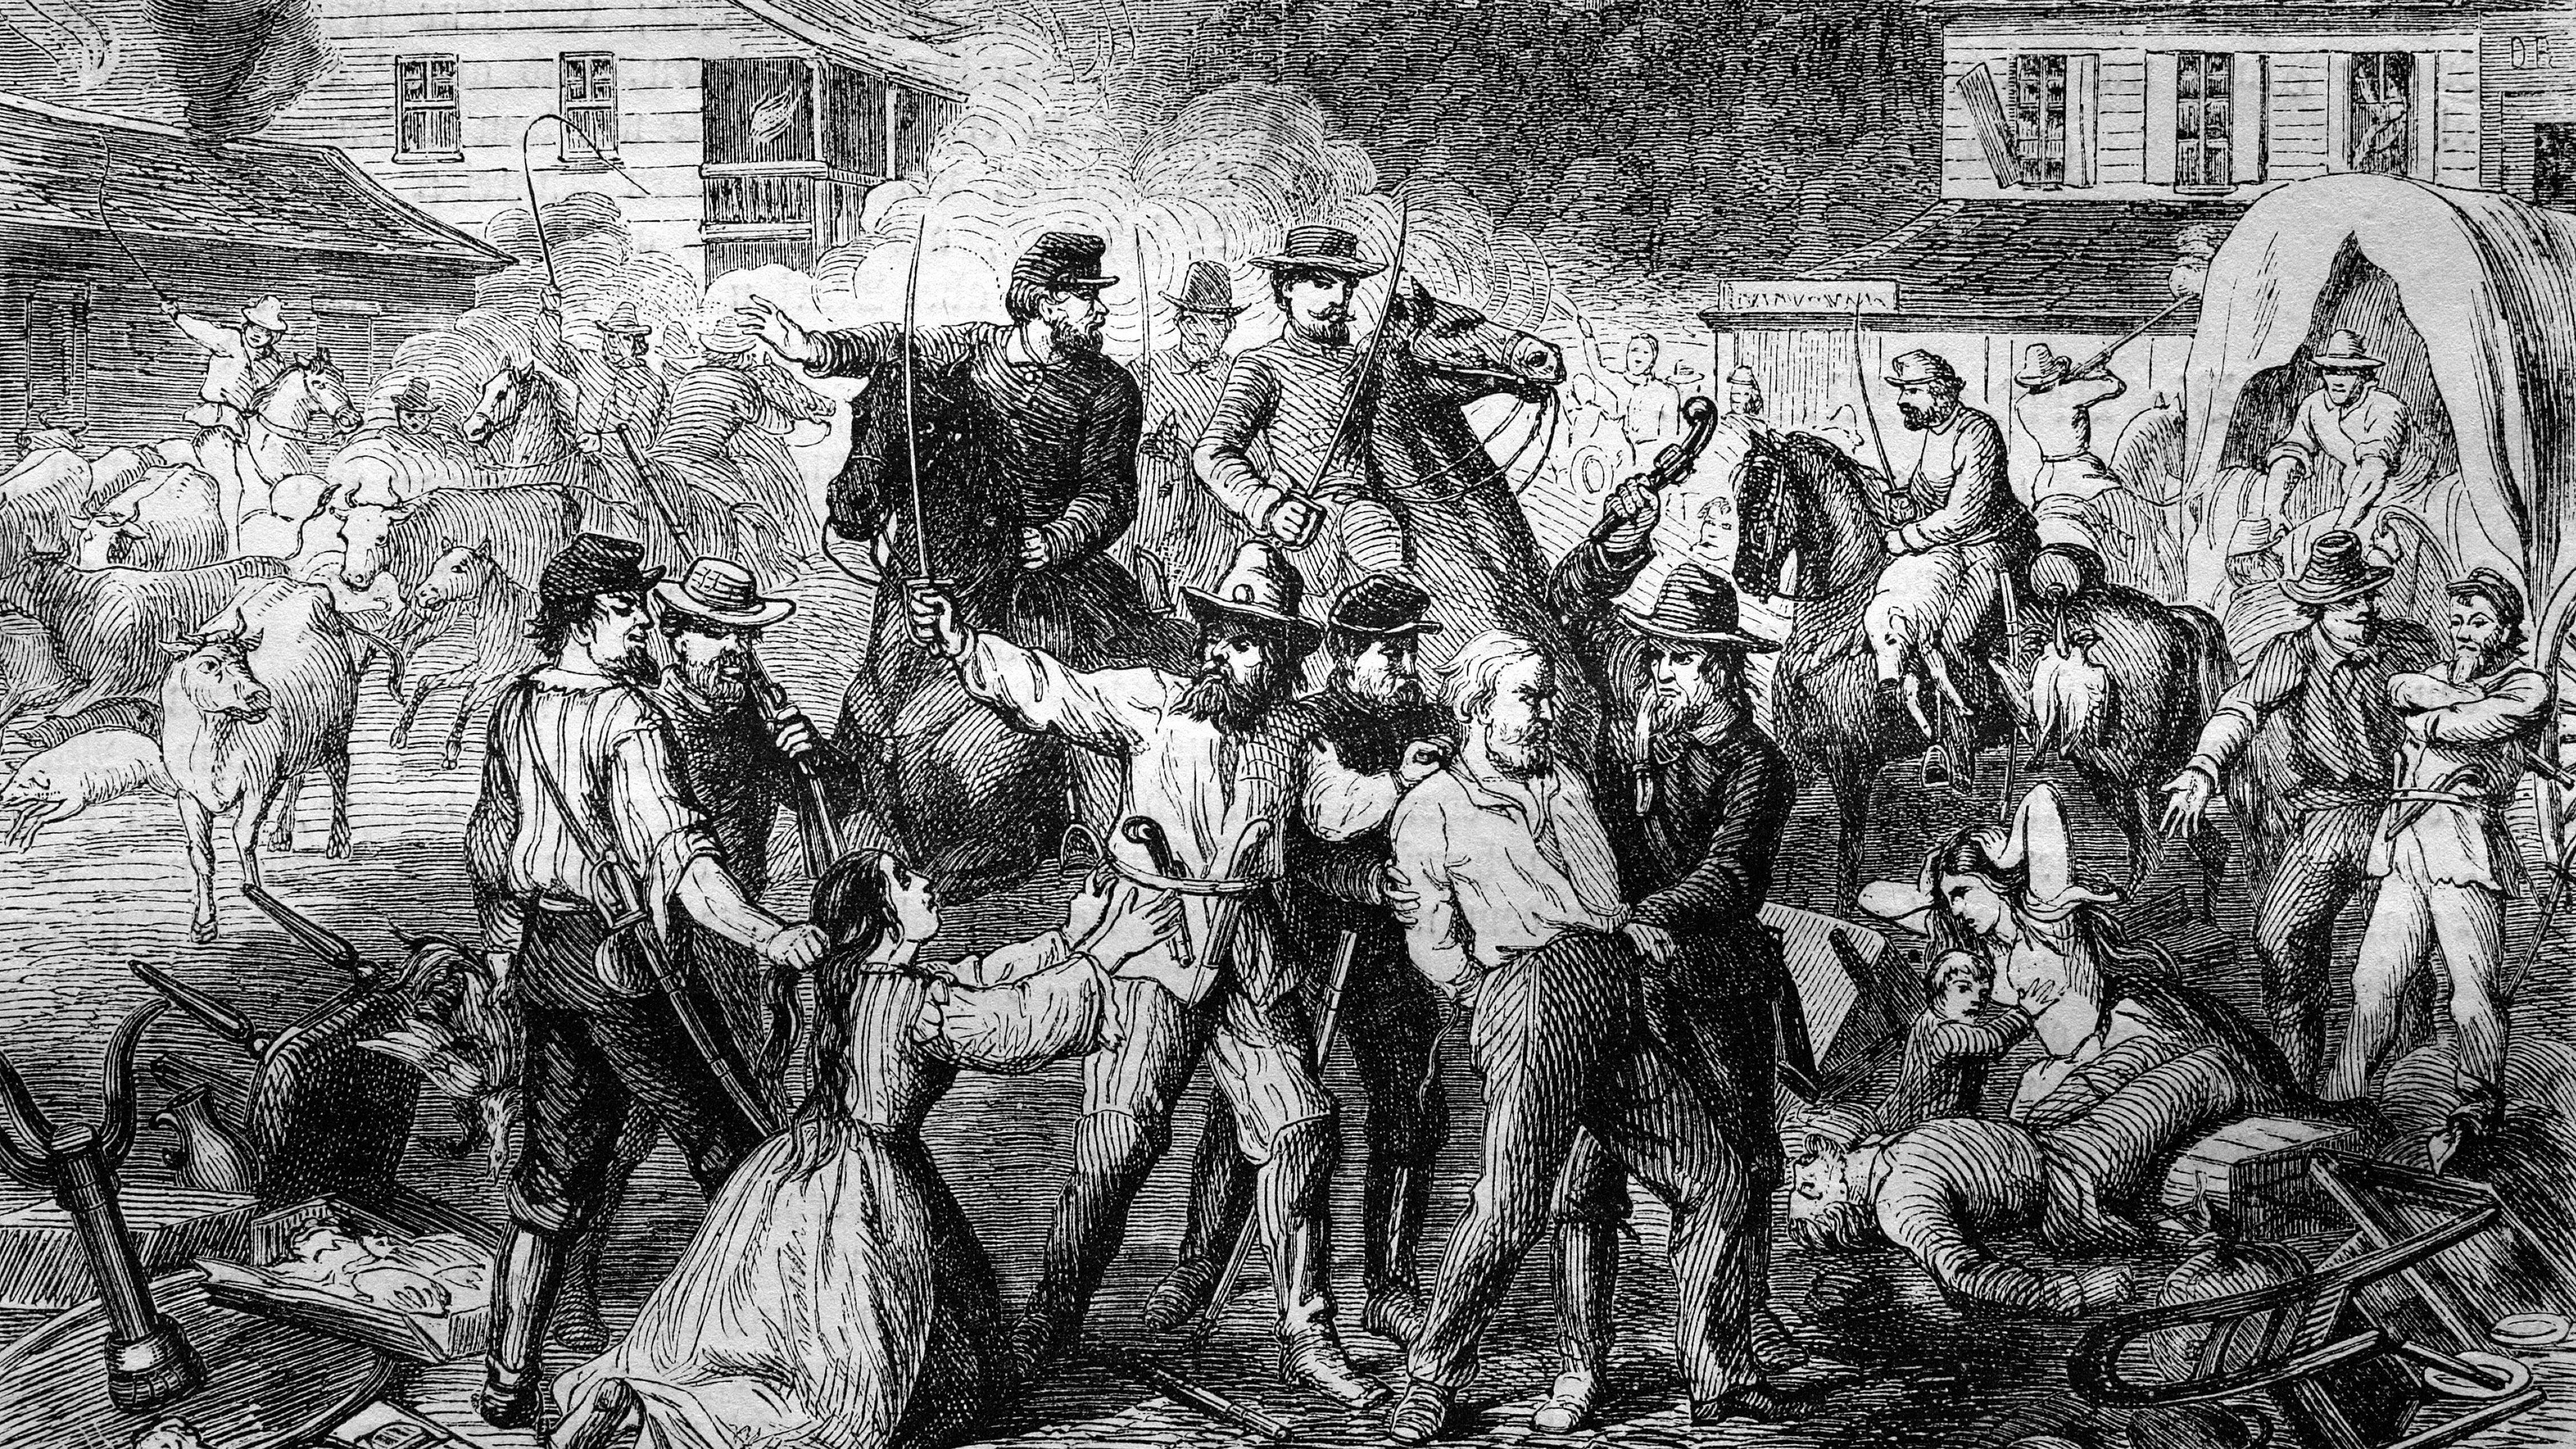 """Ein historischer Stich zeigt eine Szene aus dem Amerikanischen Bürgerkrieg. Margaret Mitchells Roman """"Vom Wind verweht"""" gilt als großes Epos über diese blutige historische Zäsur."""